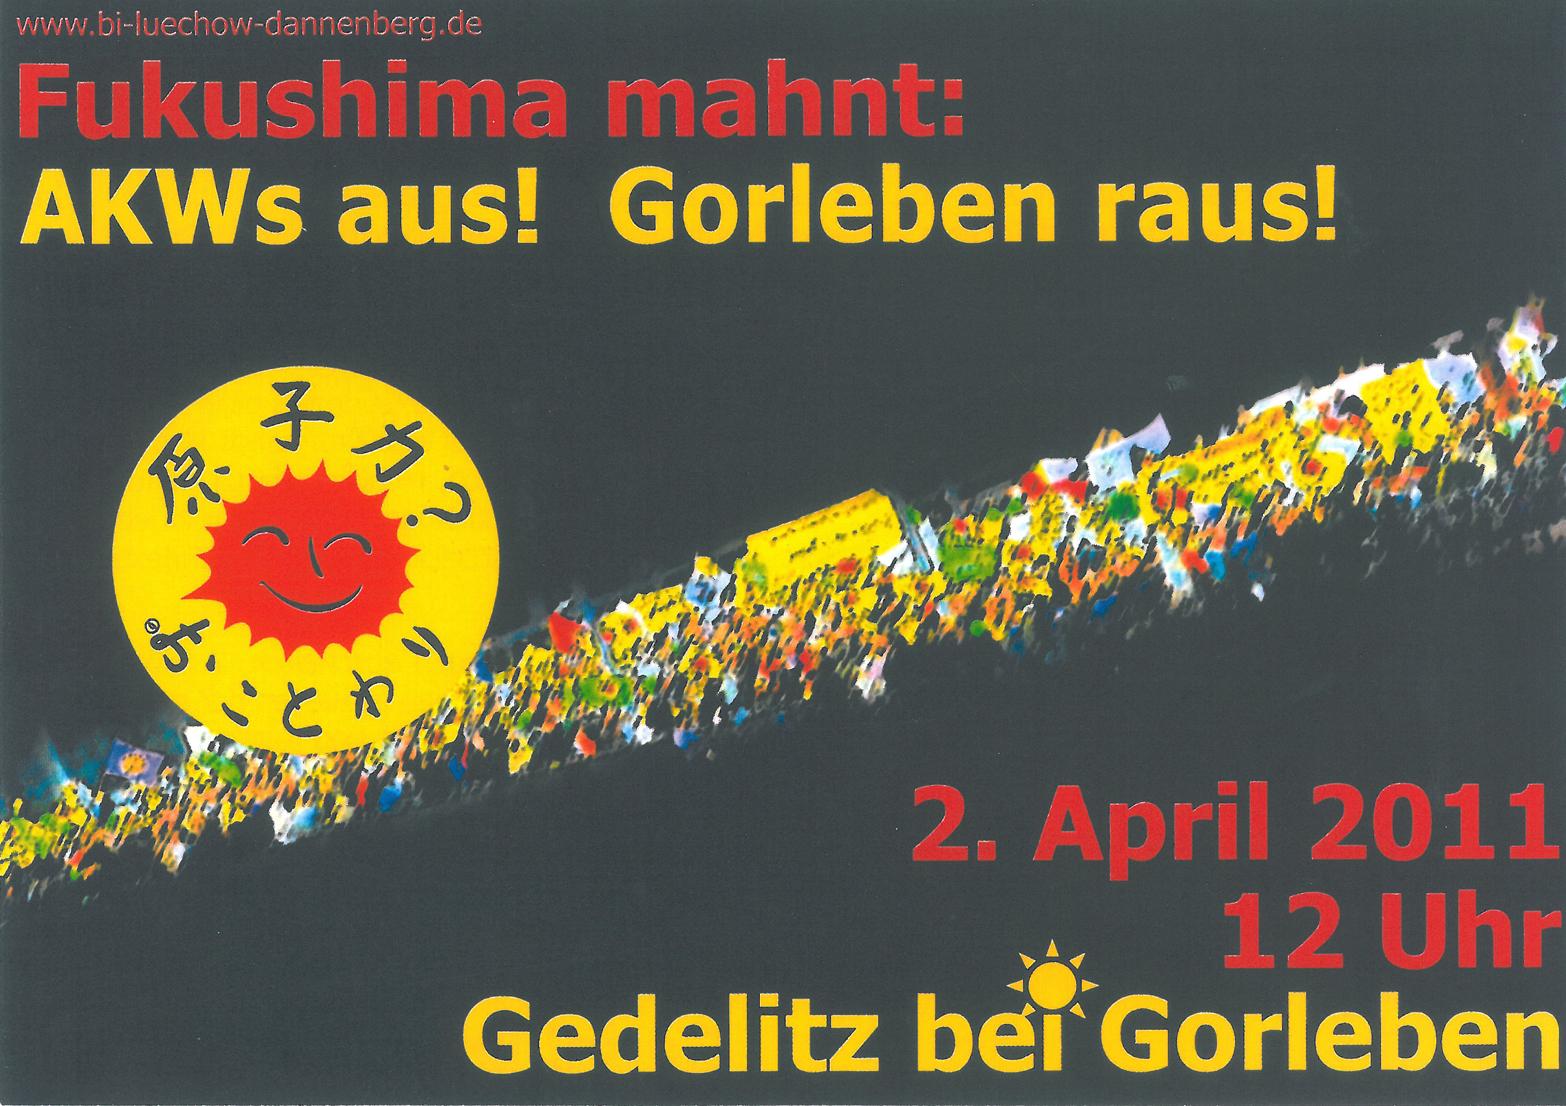 フクシマは警告する:原子力発電所はやめろ!